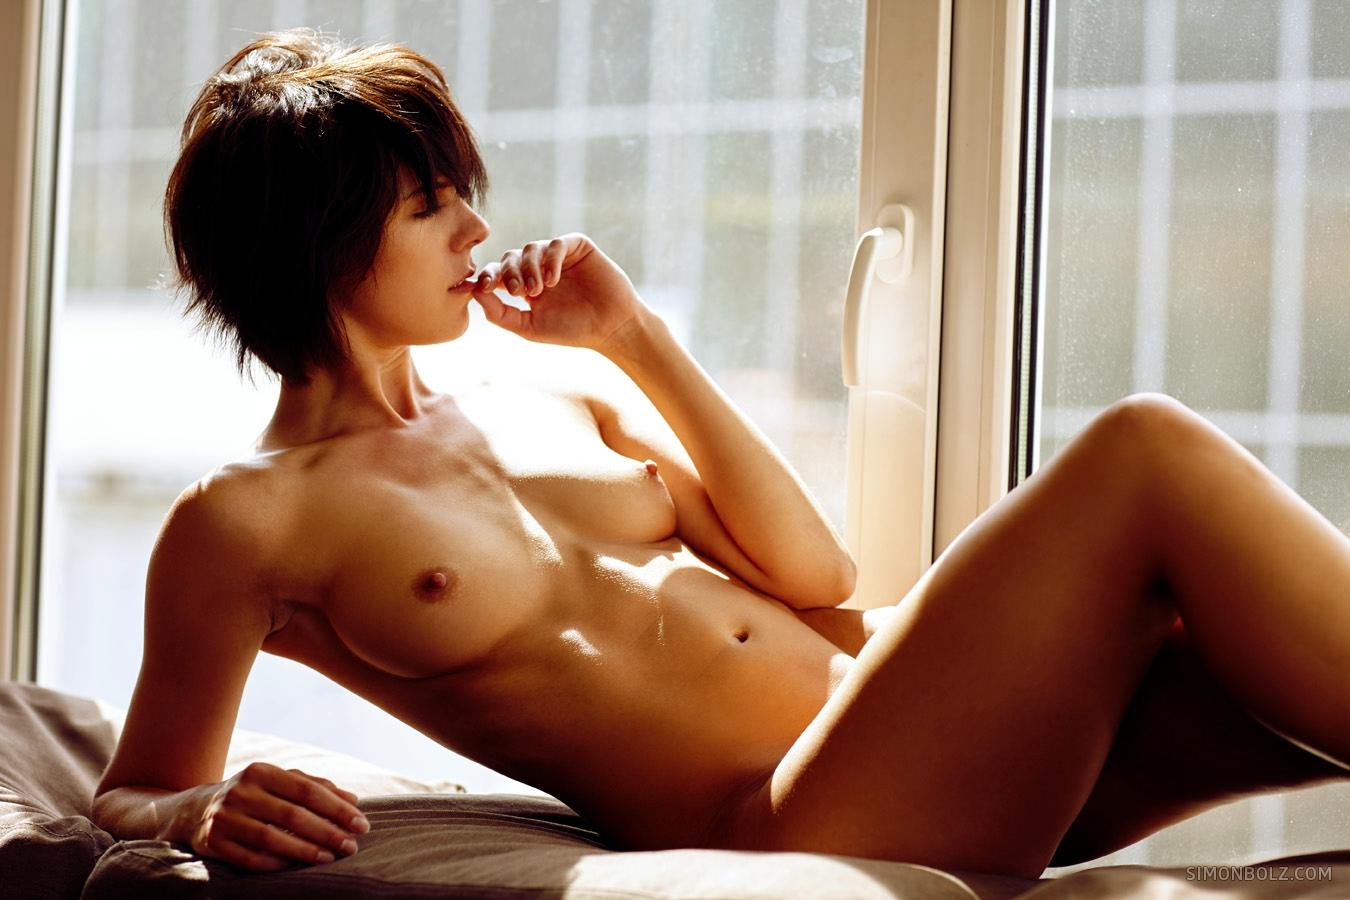 pussy massage sex nude